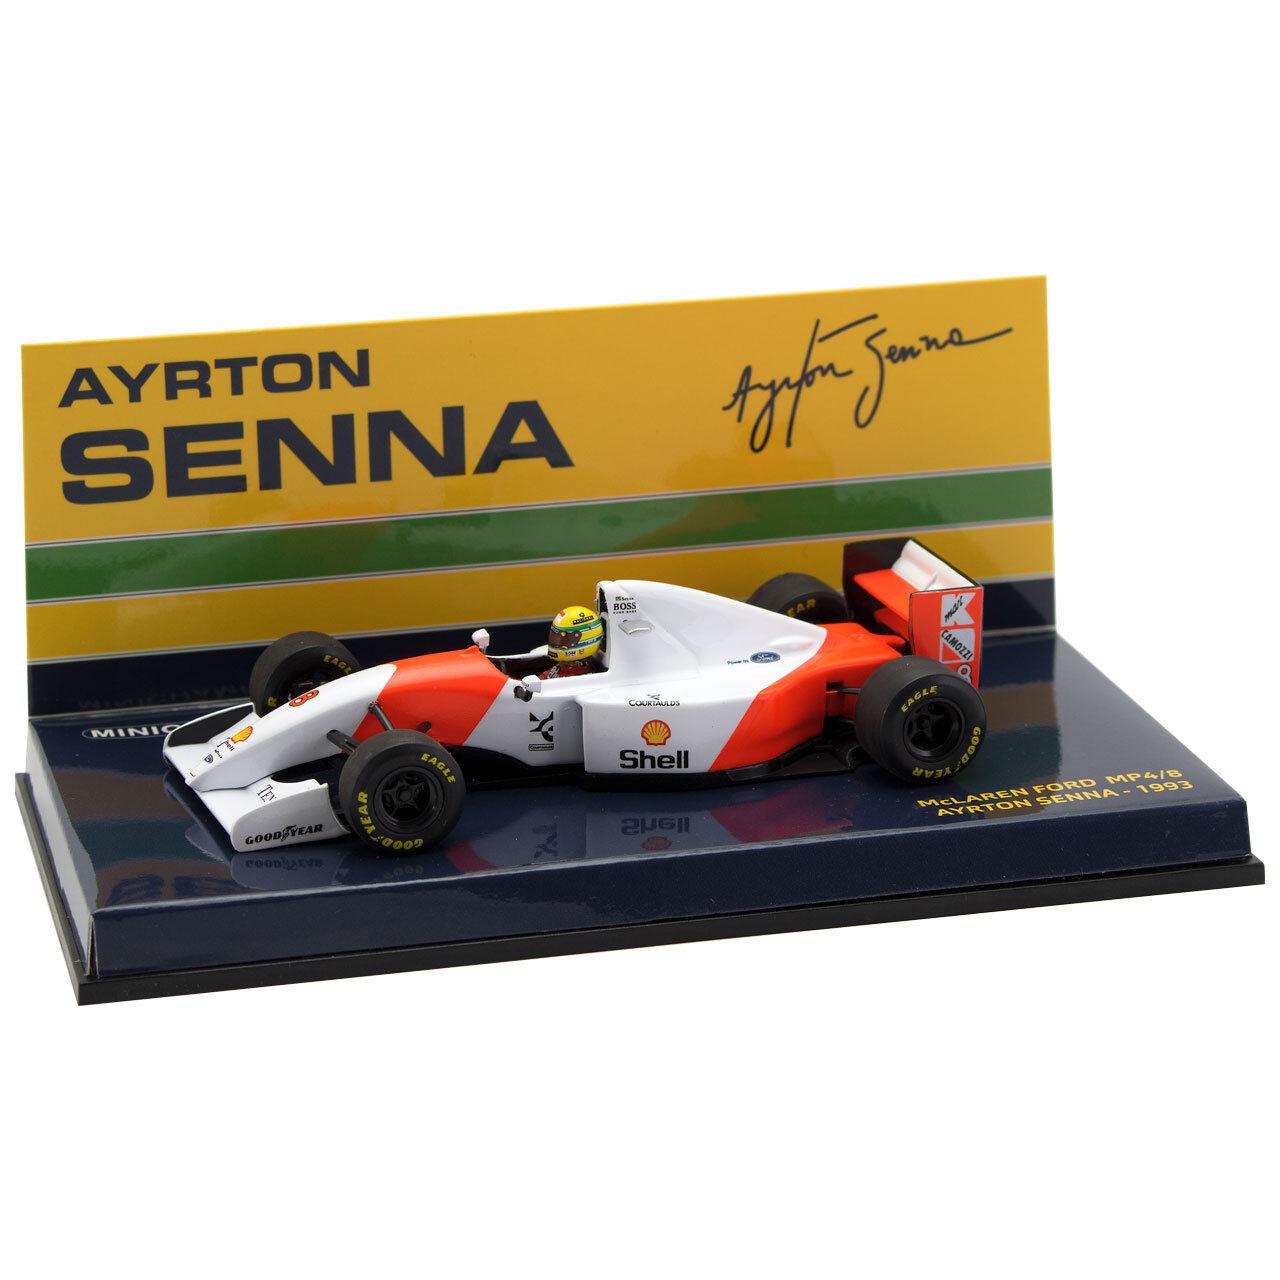 Ayrton Senna McLaren mp4 8 1 43